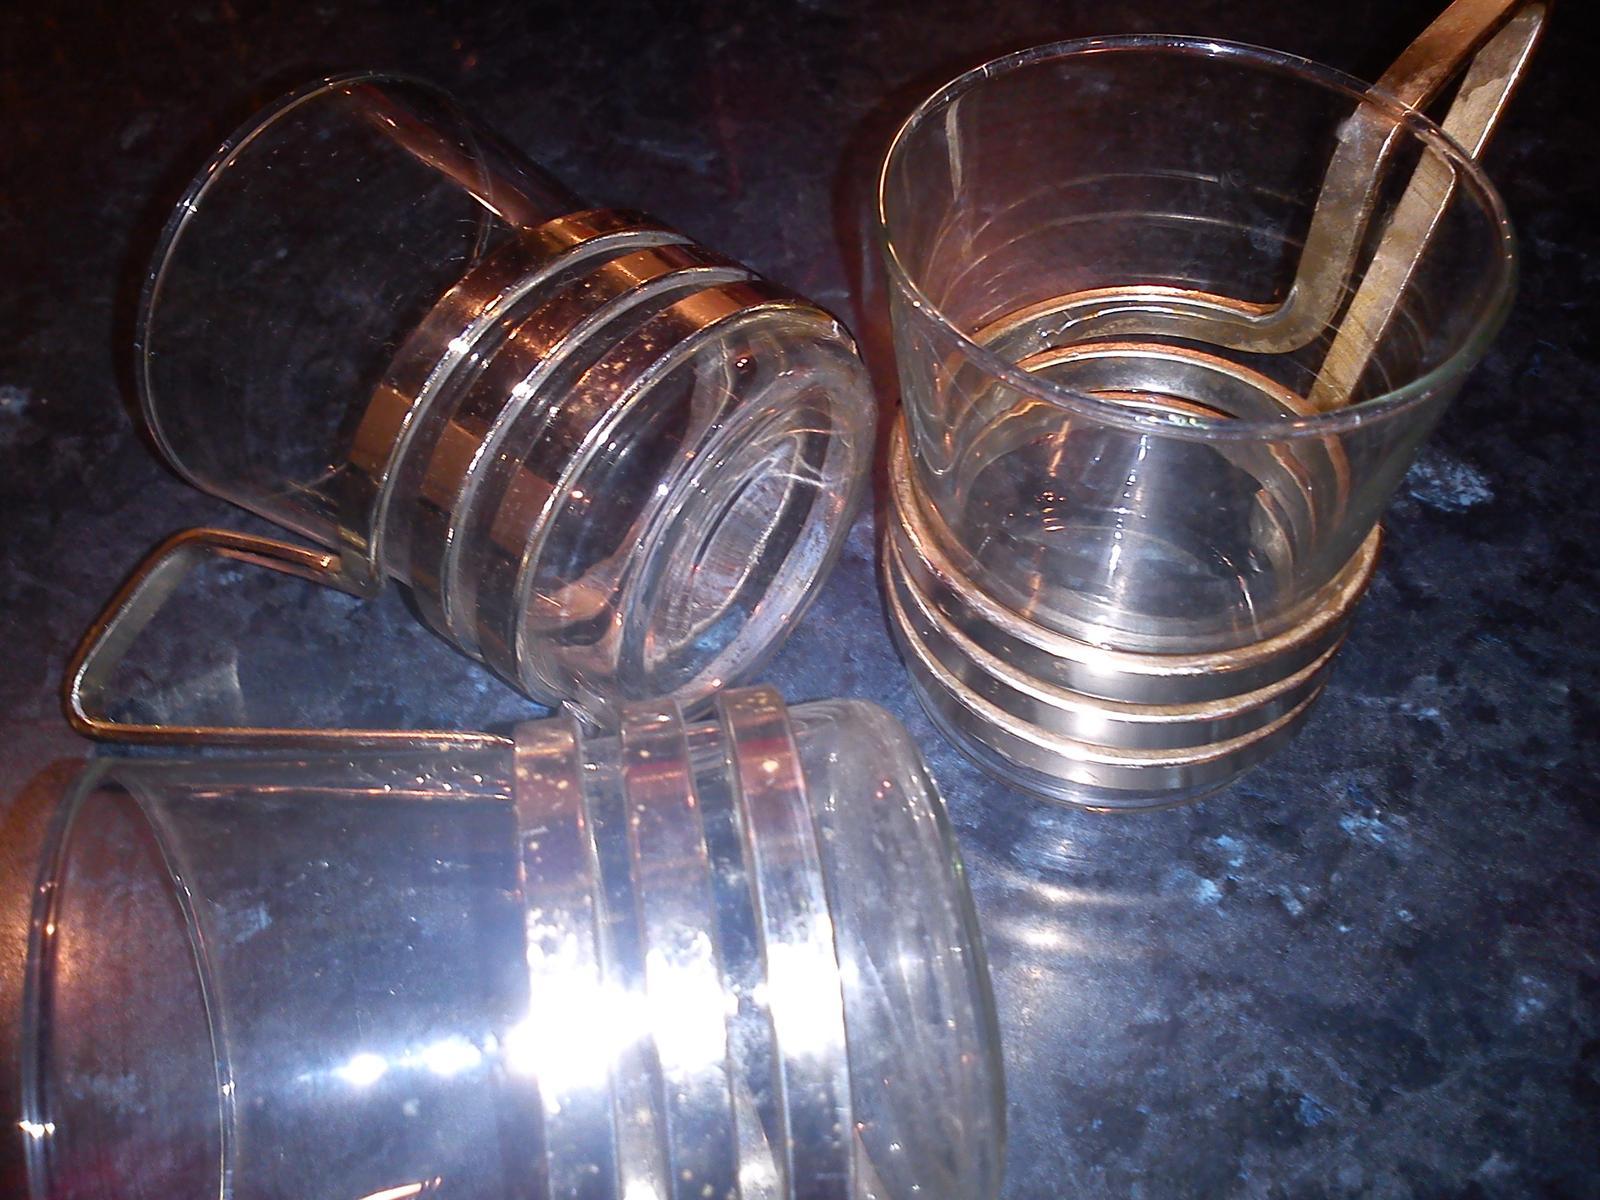 Sklenené poháre - Obrázok č. 2